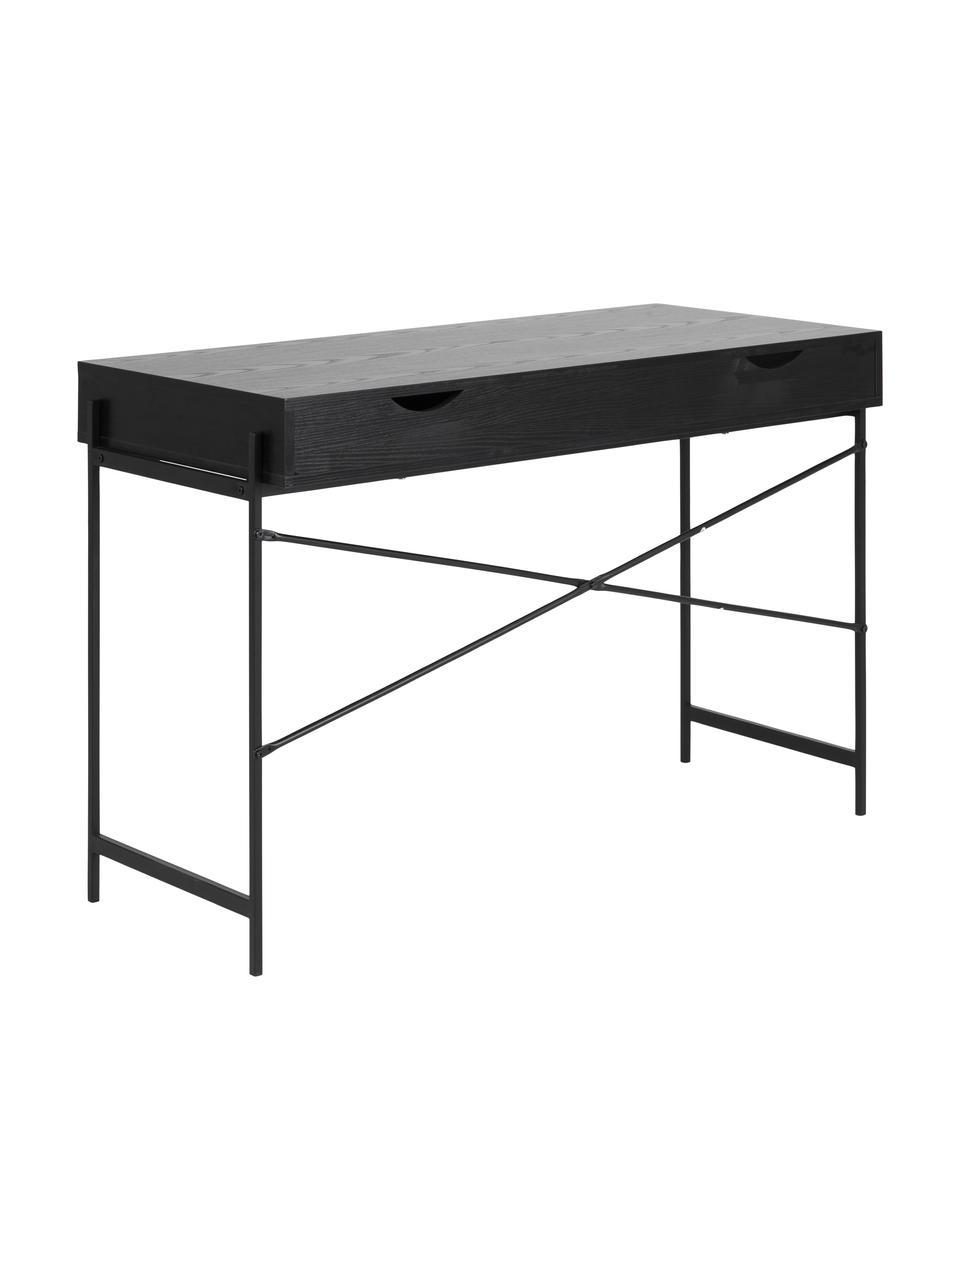 Schreibtisch Angus in Schwarz mit Stauraum, Tischplatte: Mitteldichte Holzfaserpla, Gestell: Metall, beschichtet, Schwarz, B 110 x T 50 cm